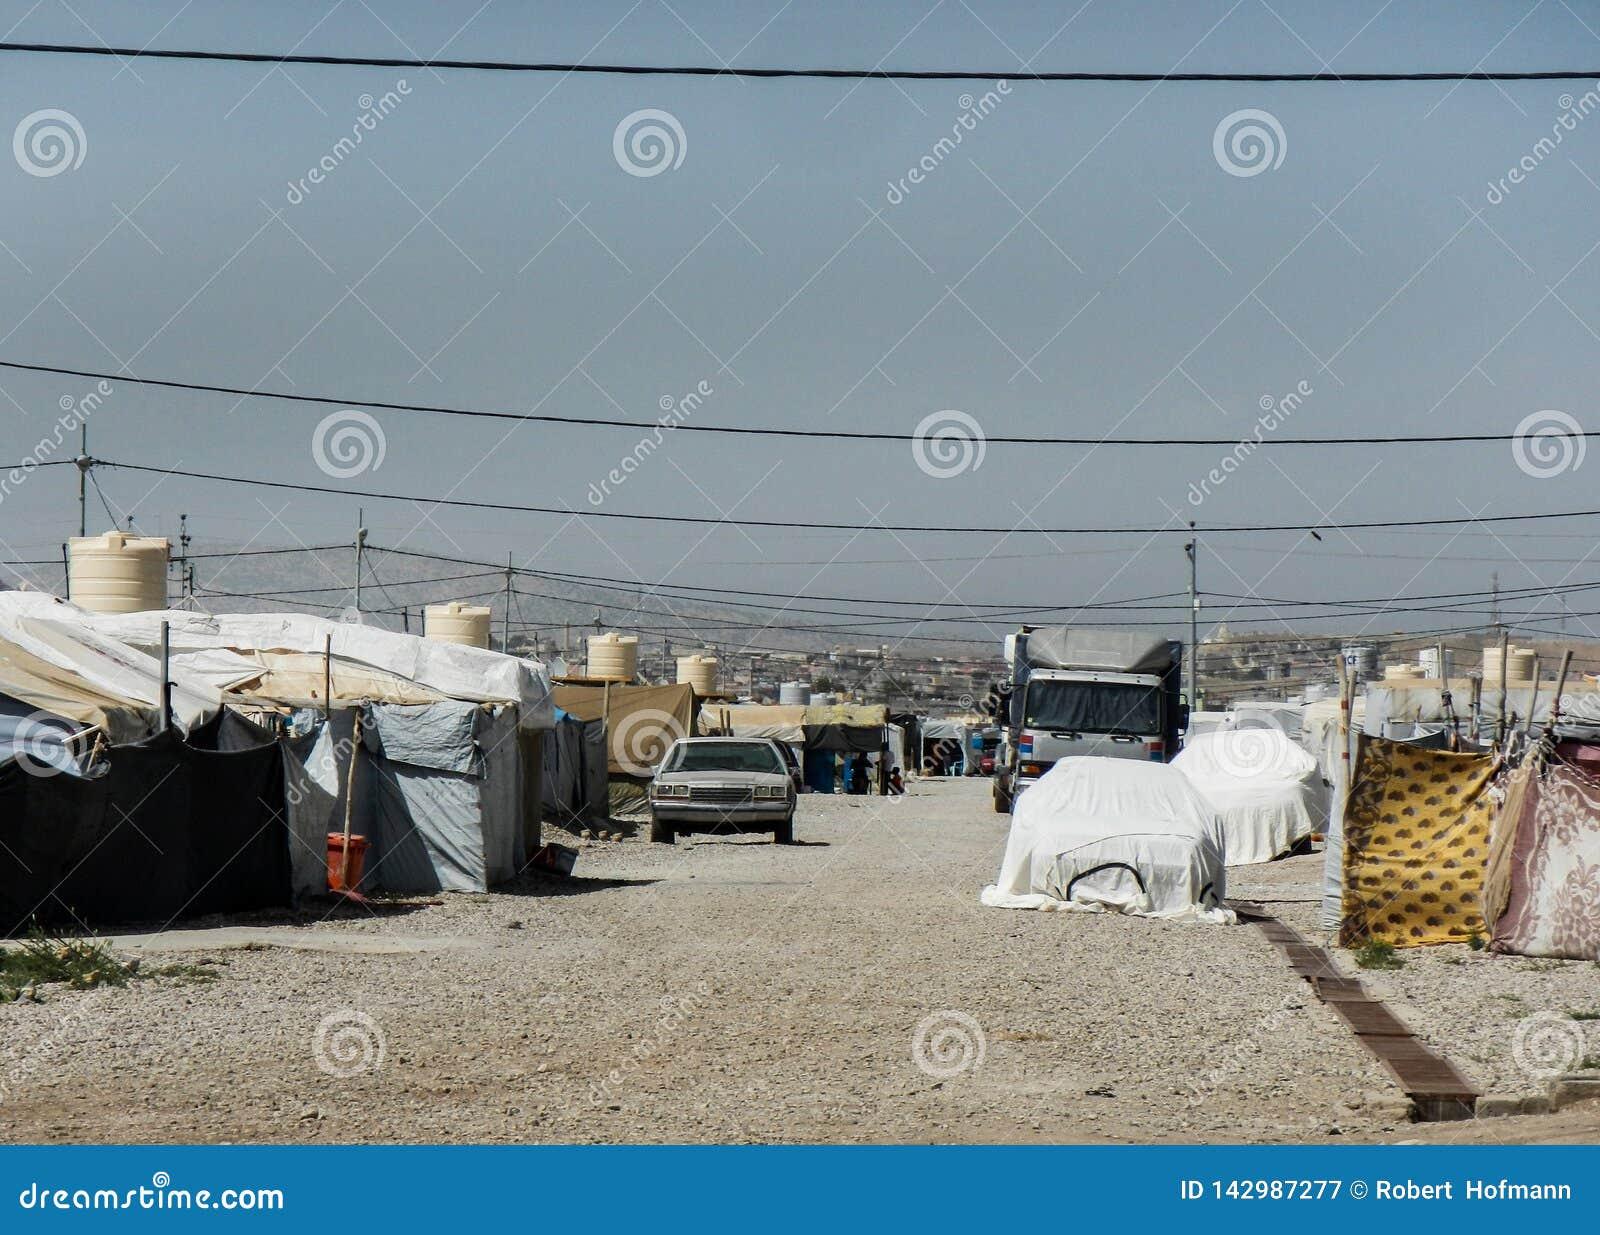 22 05 2017, Kawergosk, Iraque : O campo de refugiados abarrotado em Iraque com os refugiados que fogem de É ou estado islâmico